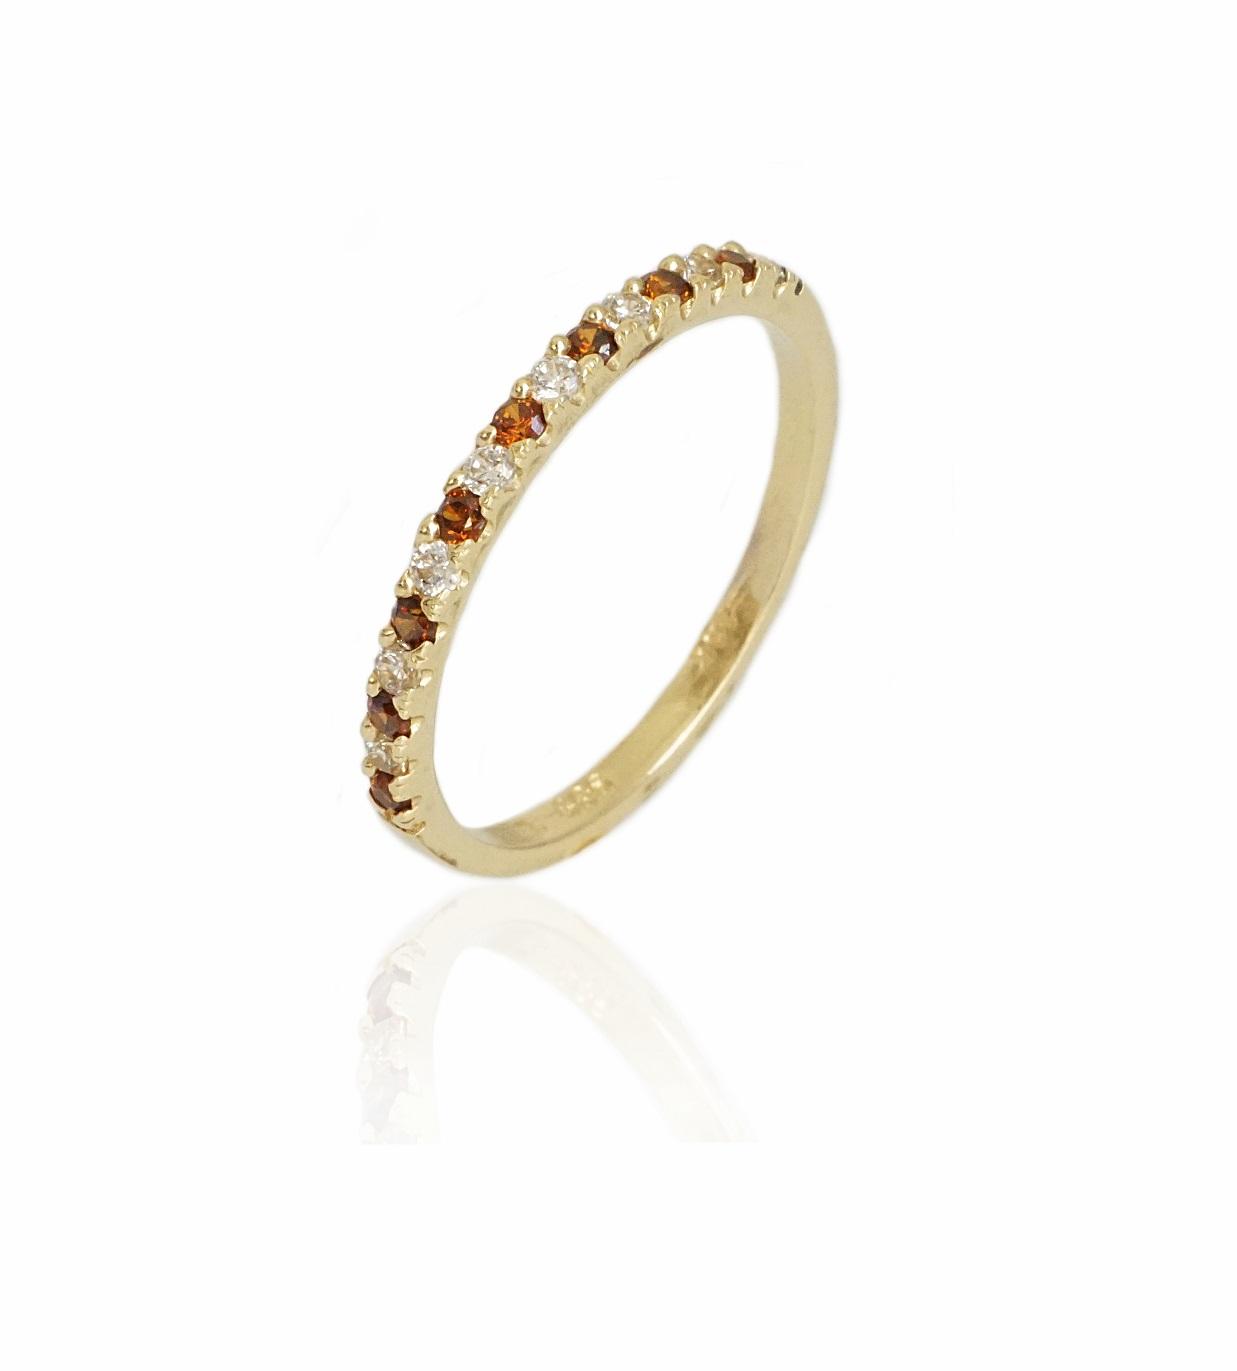 טבעת איטרניטי  זרקונים בצבע חום ולבן בזהב 14 קרט טבעת זהב משלימה